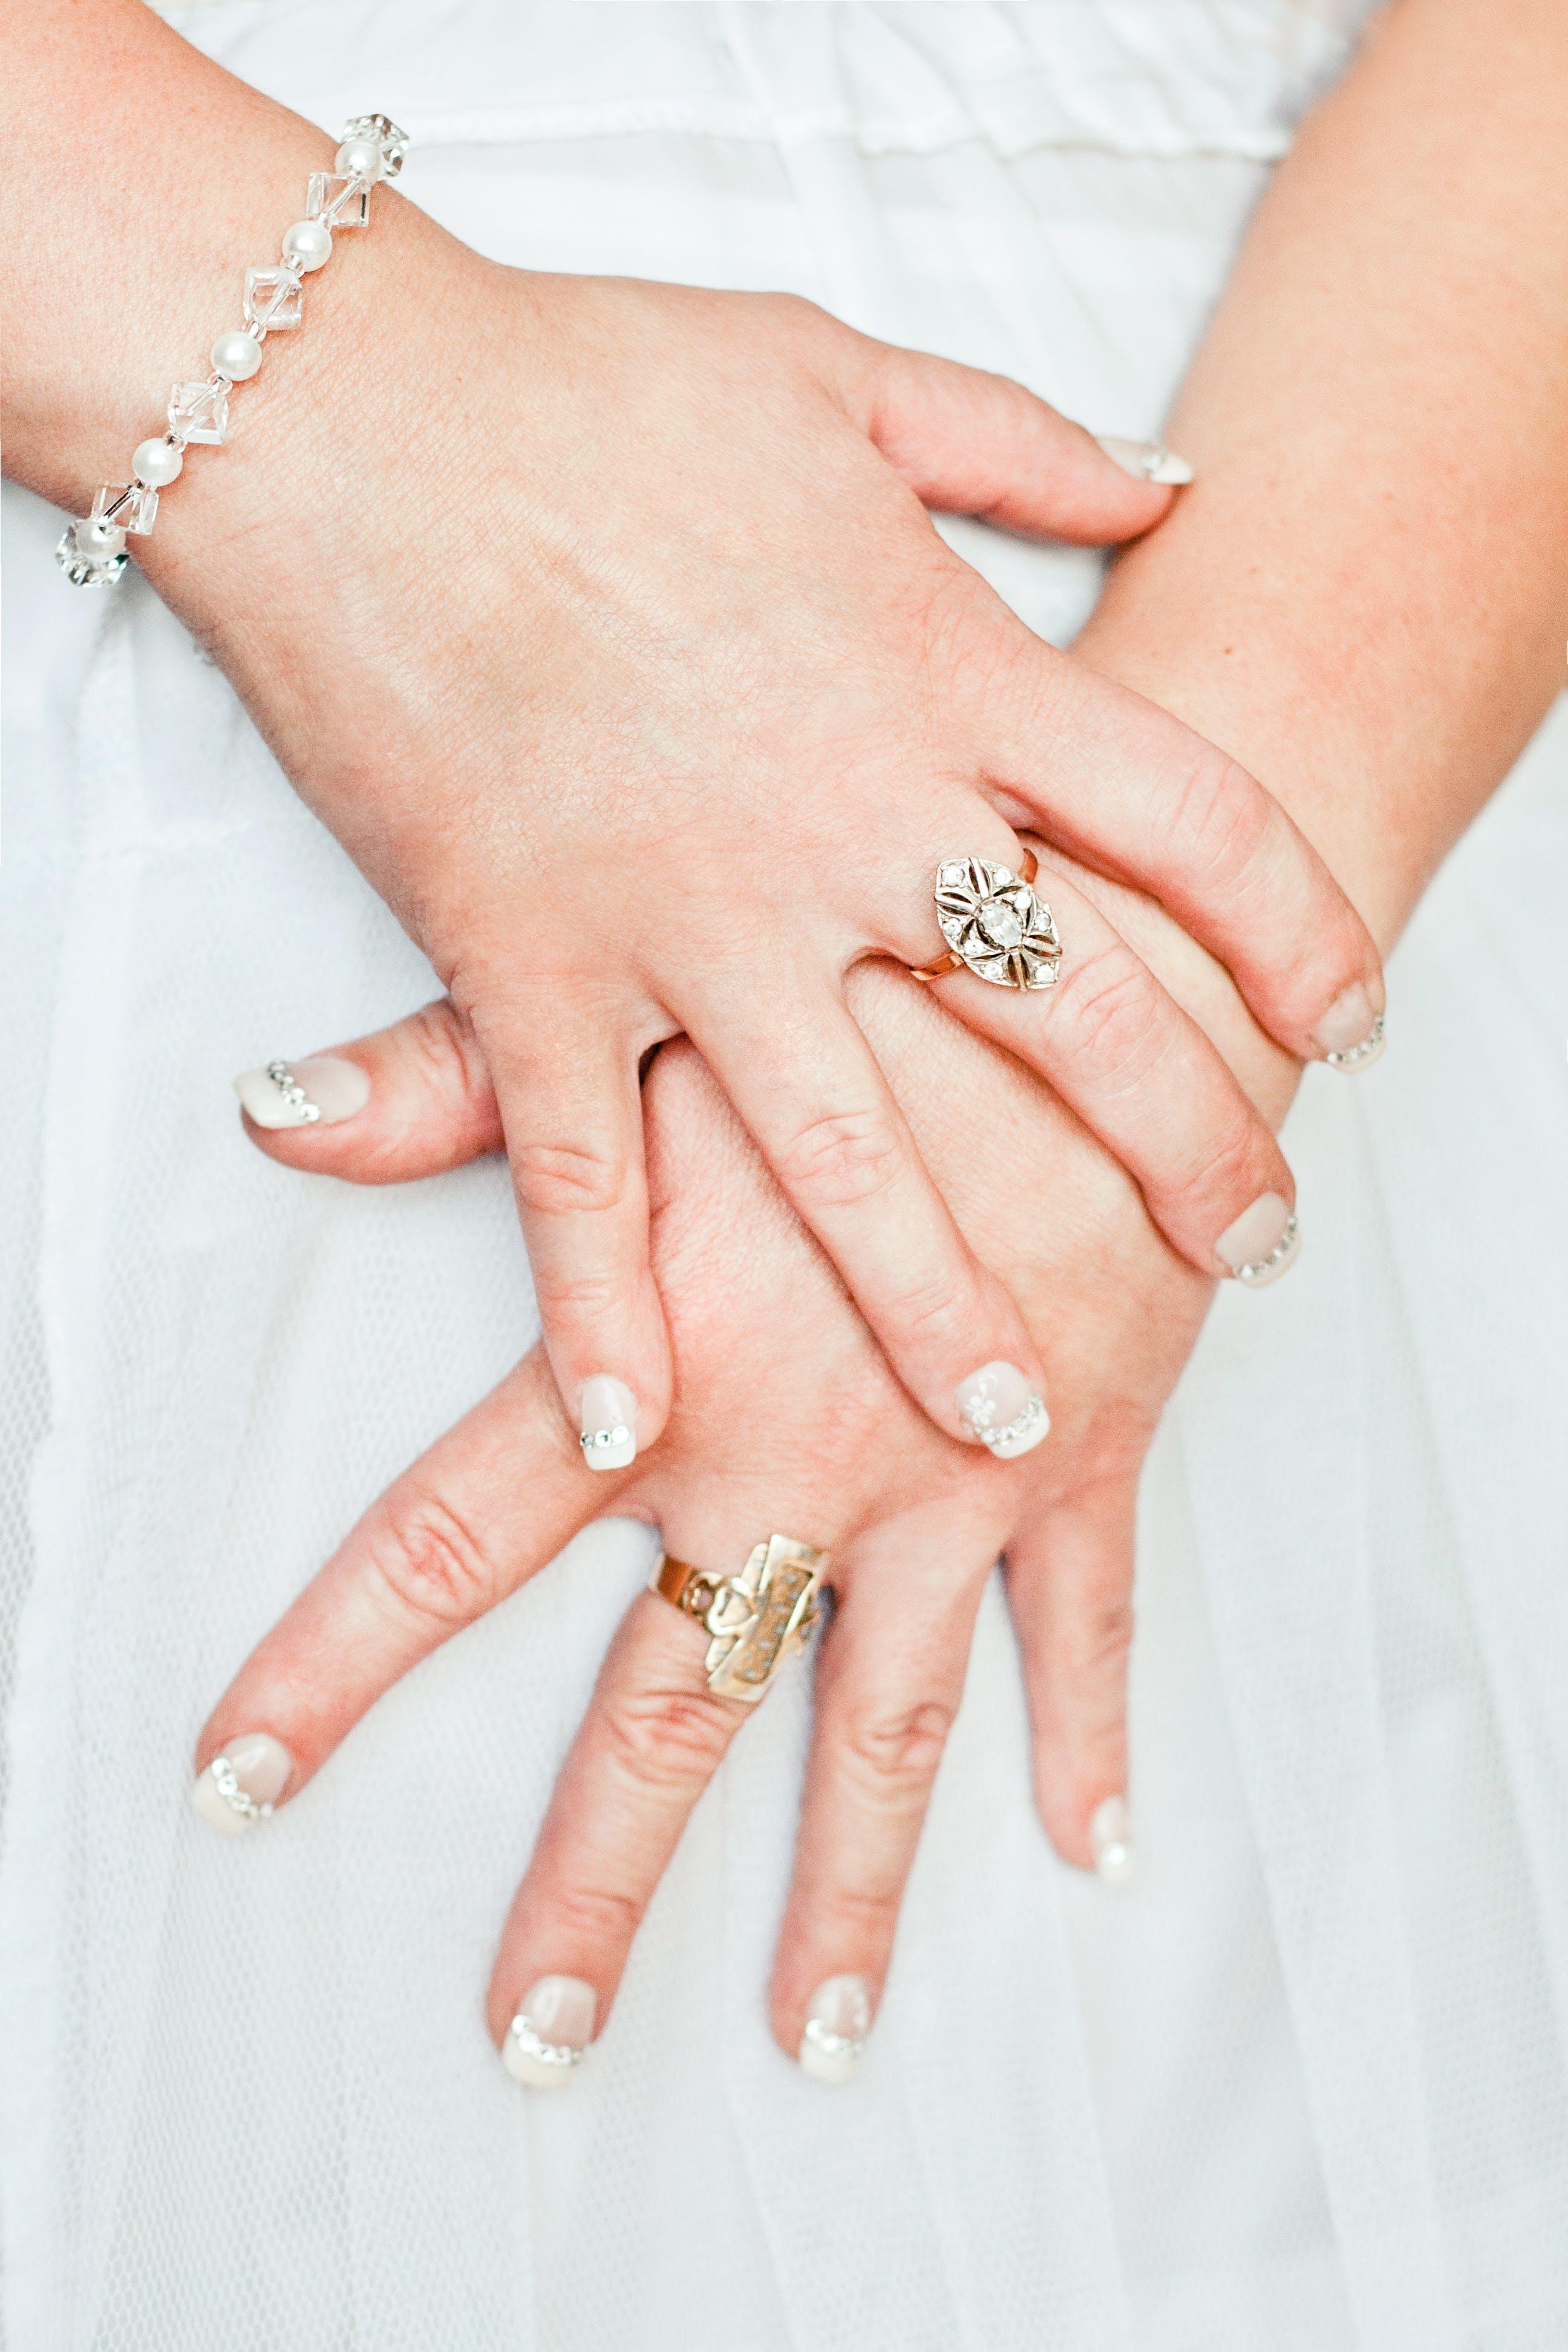 Immagine gratuita di abito, bianco, braccialetto, donna